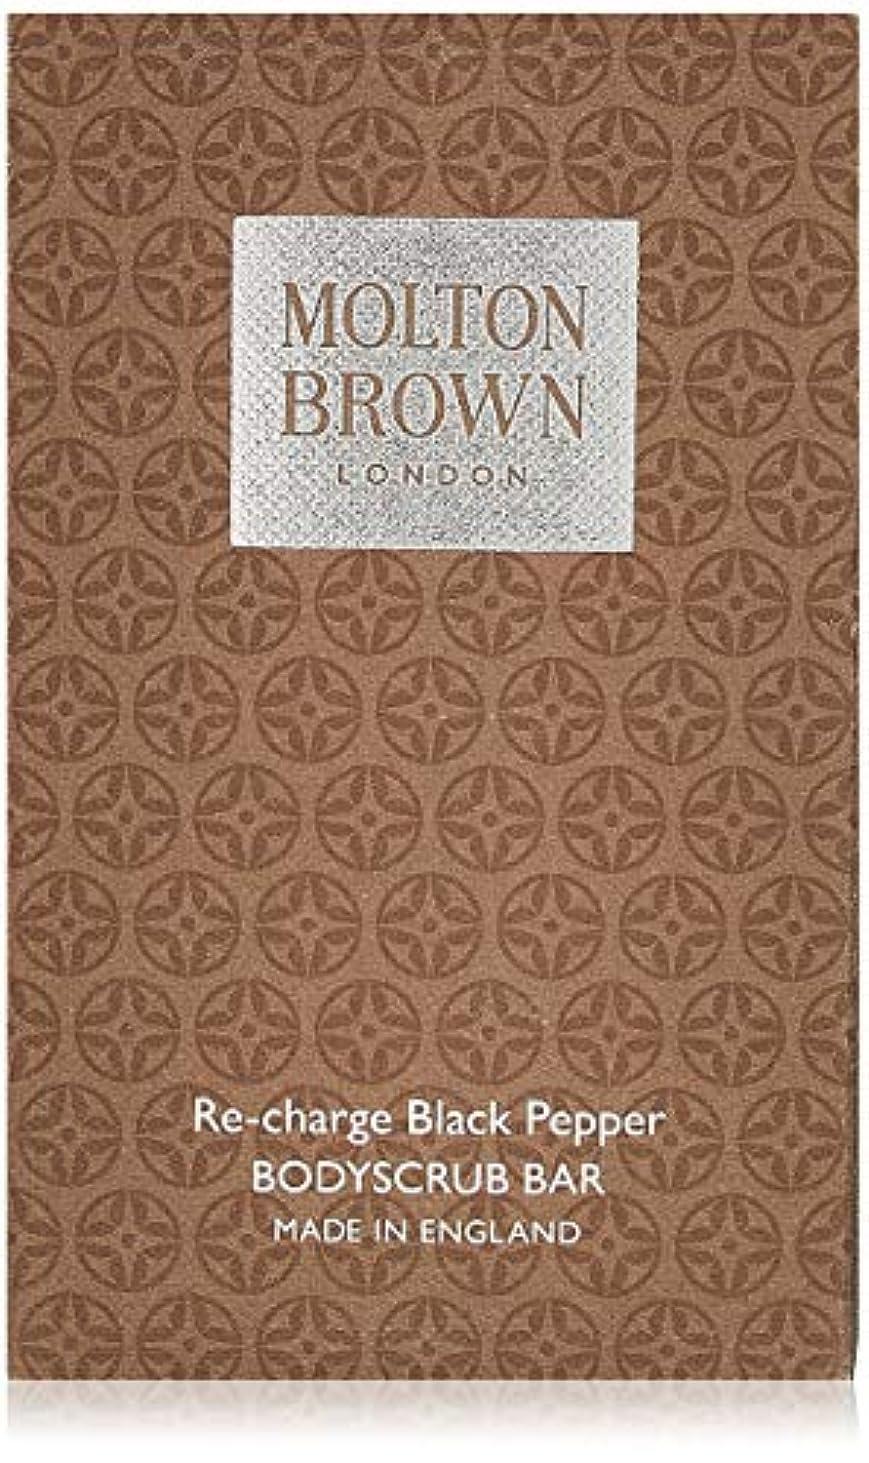 勢い色美徳MOLTON BROWN(モルトンブラウン) ブラックペッパーボディスクラブバー